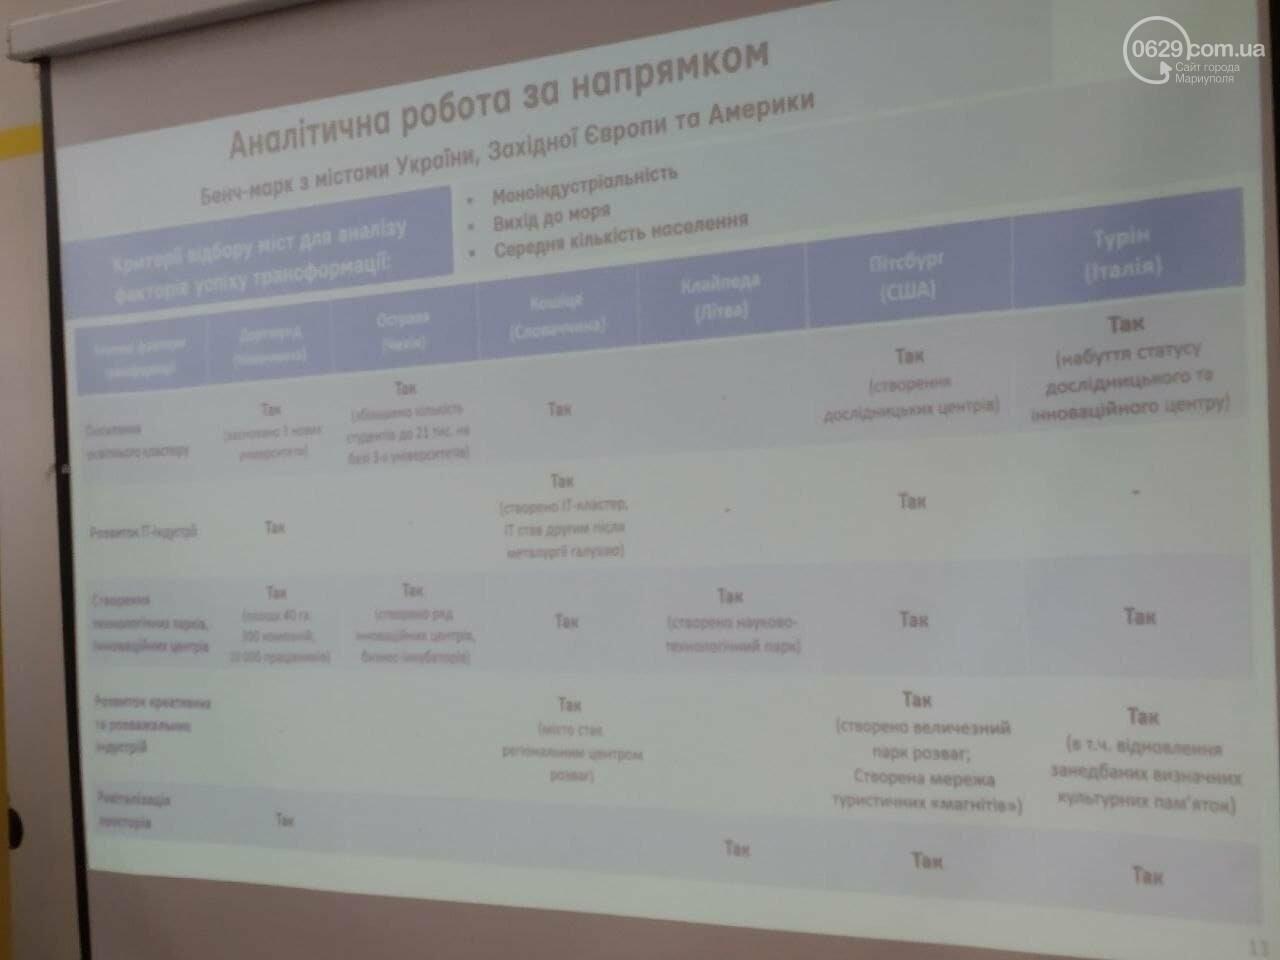 Черновик стратегии Мариуполя - 2030 готов. Что будет с заводами, морем и бизнесом, фото-4